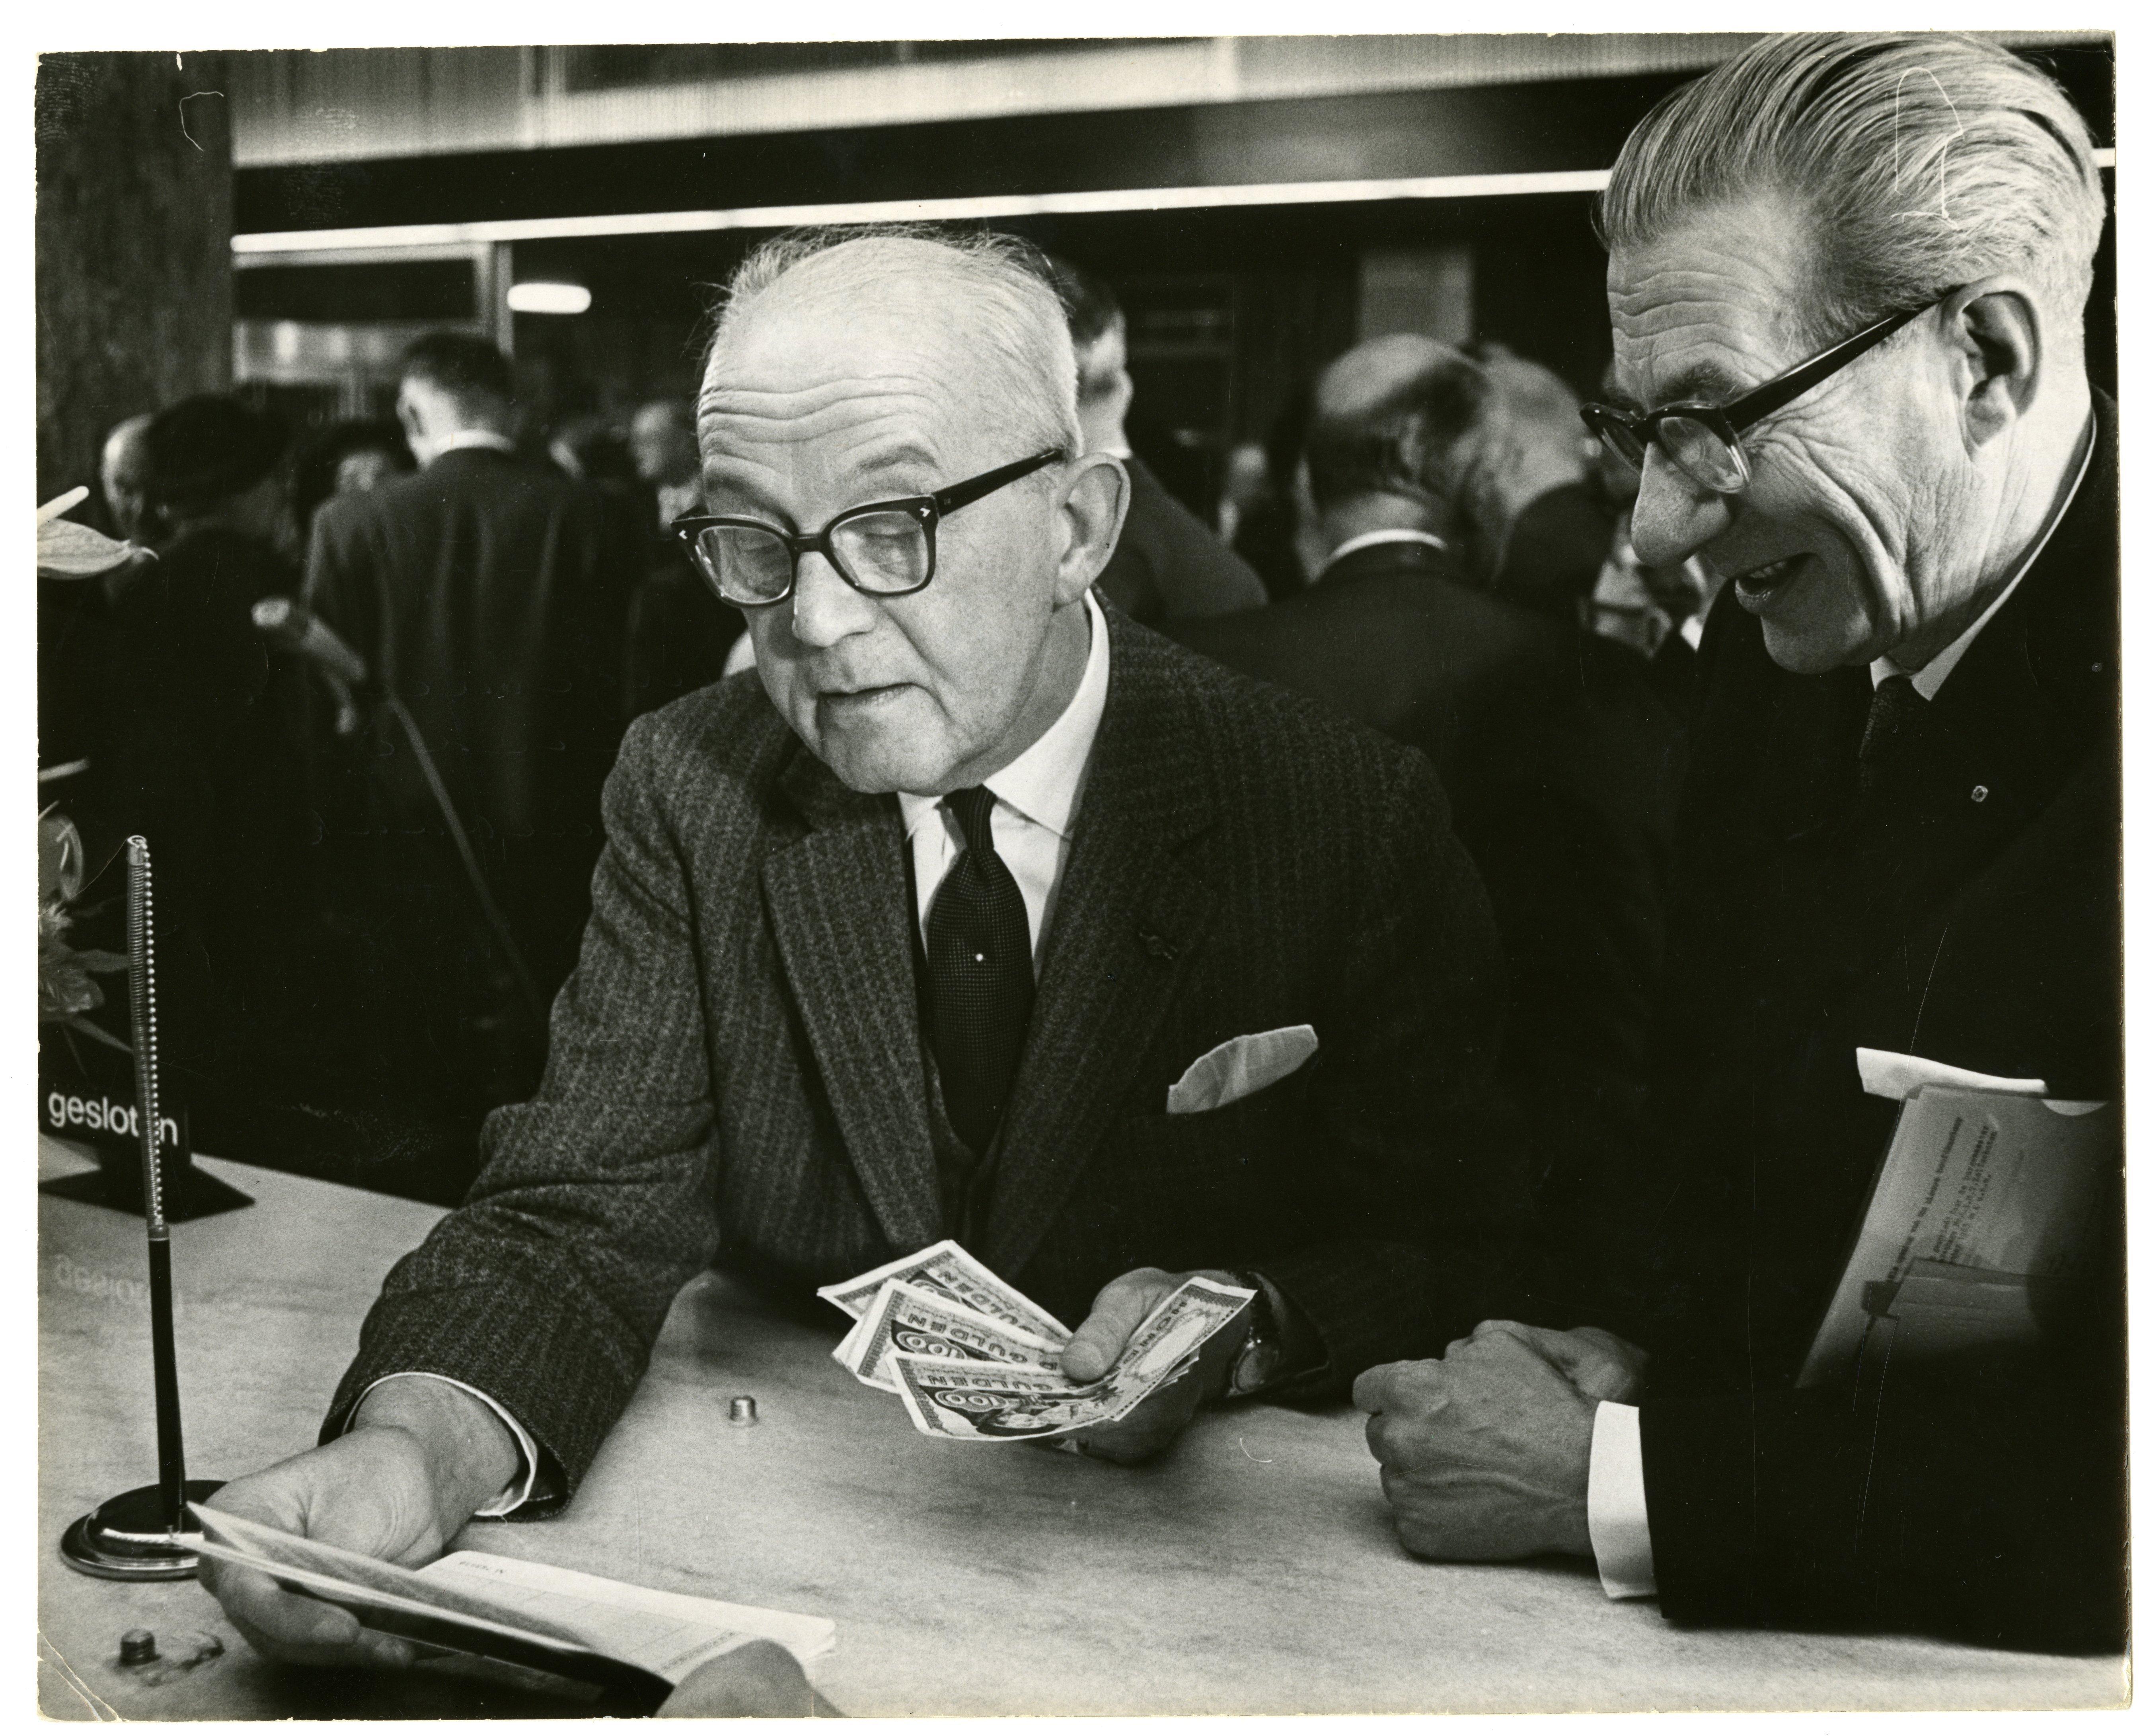 Burgemeester Kolfschoten opende het nieuwe kantoor door geld in te leggen op een spaarbankboekje. Vervaardiger Haagsche Courant, collectie Haags Gemeentearchief.